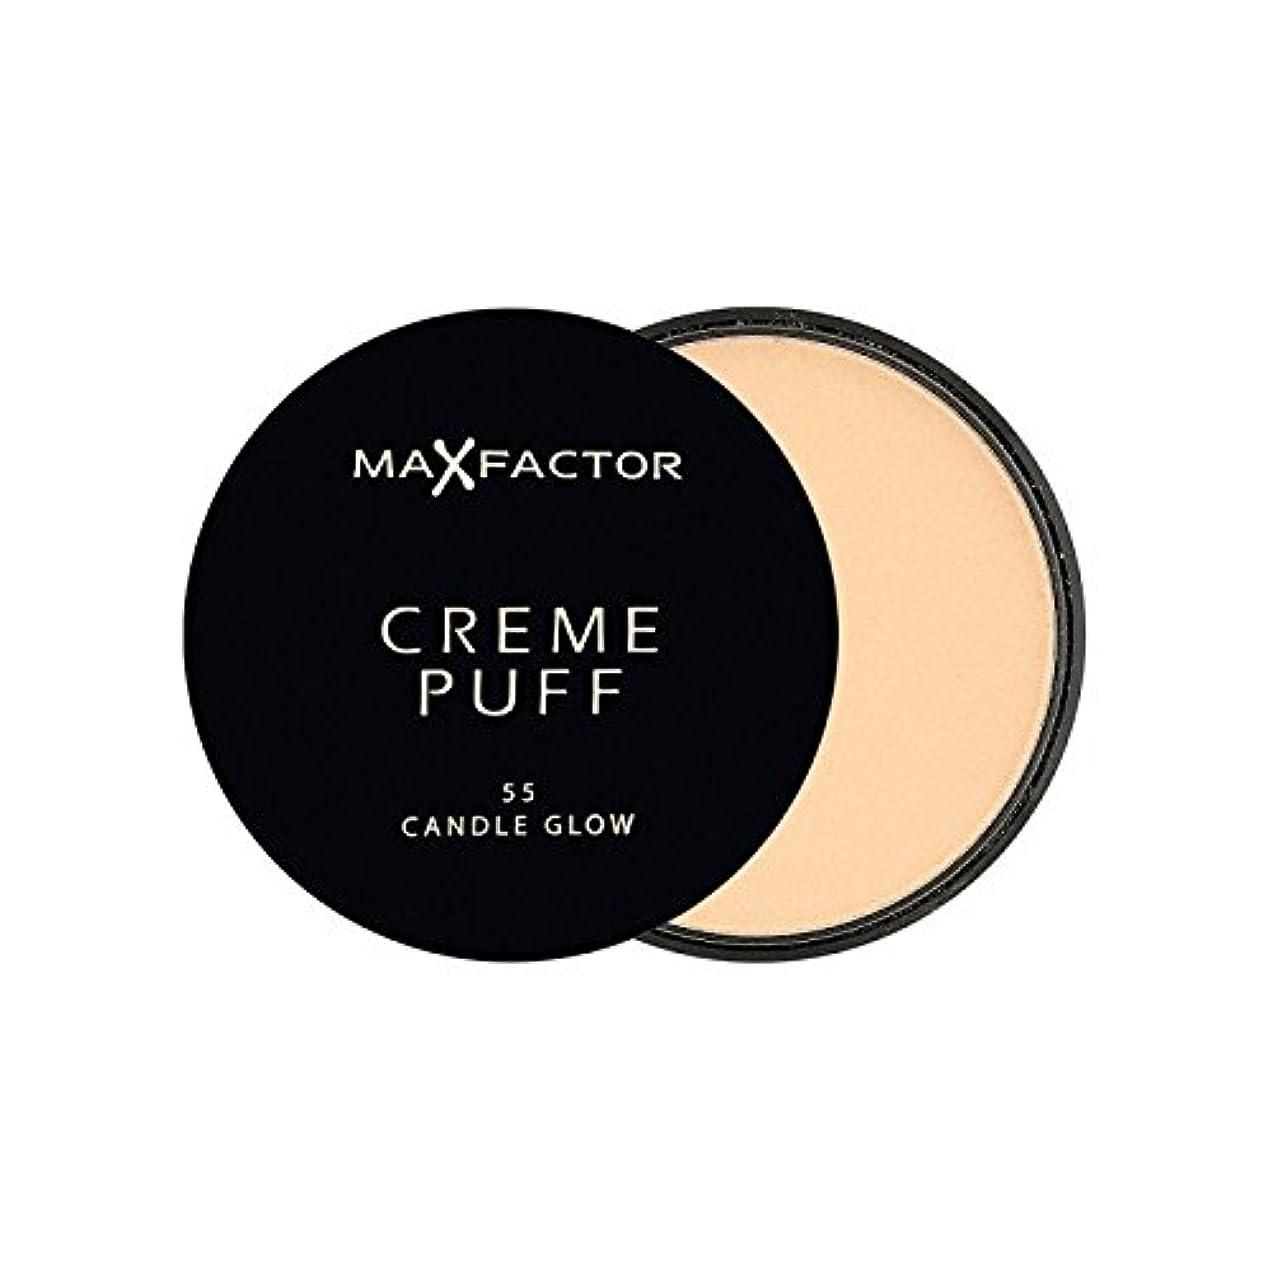 セメントヤング壊滅的なマックスファクタークリームパフパウダーコンパクトろうそくは55グロー x4 - Max Factor Creme Puff Powder Compact Candle Glow 55 (Pack of 4) [並行輸入品]